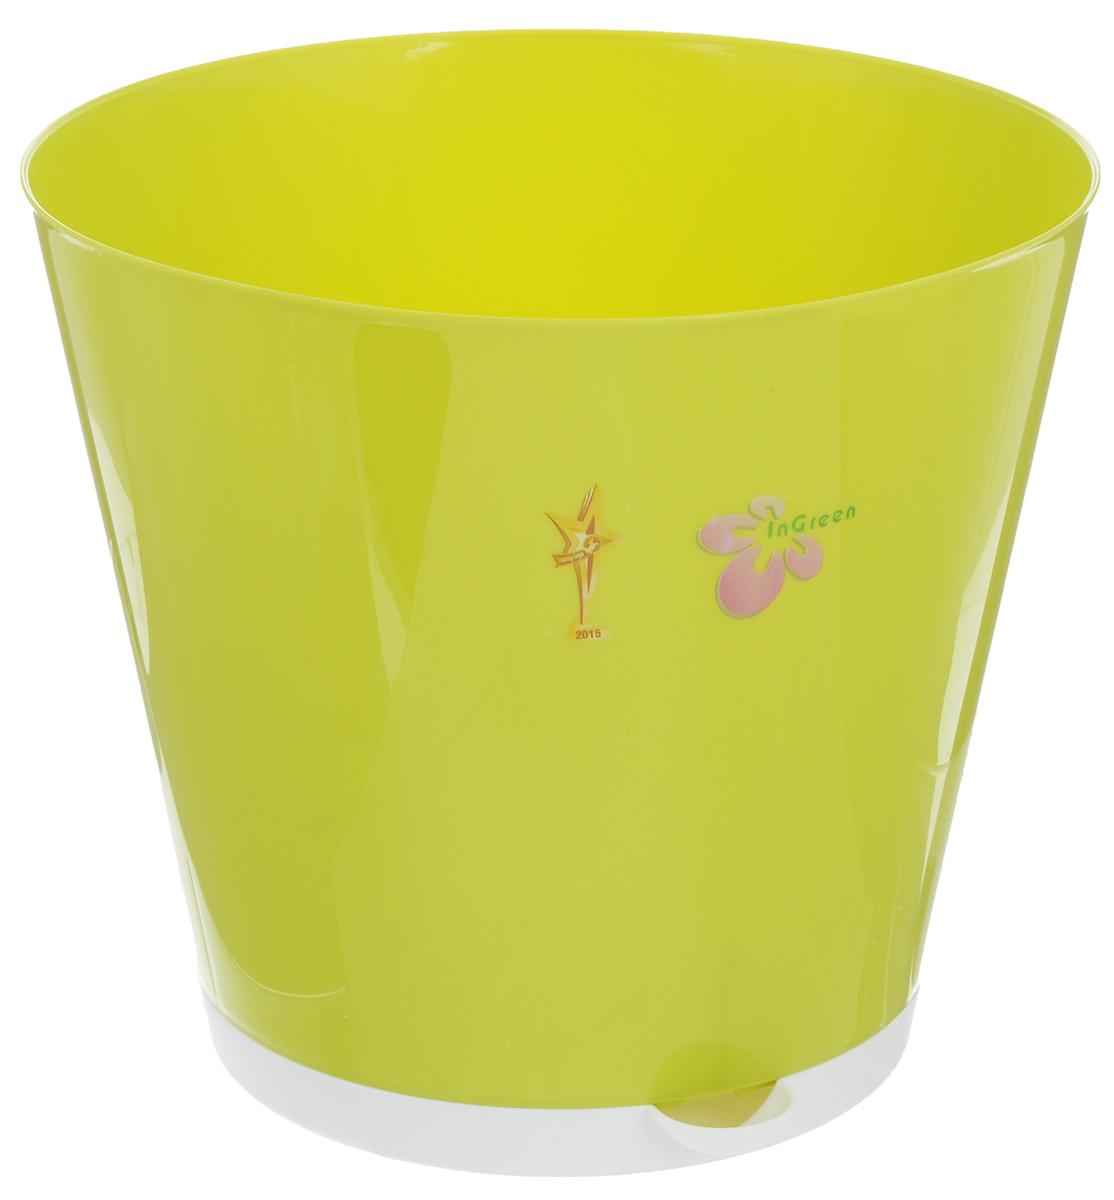 Горшок для цветов InGreen Крит, с системой прикорневого полива, цвет: салатовый, белый, диаметр 25,4 смING46025СЛГоршок InGreen Крит, выполненный извысококачественного пластика, предназначен длявыращивания комнатных цветов, растений и трав.Специальная конструкция обеспечивает вентиляцию вкорневой системе растения, а дренажные отверстияпозволяют выходить лишней влаге из почвы. Крепежныеотверстия и штыри прочно крепят подставку к горшку.Прикорневой полив растения осуществляется через удобныйносик. Система прикорневого полива позволяет оставлятькомнатное растение без внимания тем, кто часто находится вкомандировках или собирается в отпуск и не имеетвозможности вовремя поливать цветы. Такой горшок порадует вас современным дизайном ифункциональностью, а также оригинально украсит интерьерлюбого помещения.Объем: 7 л. Диаметр горшка (по верхнему краю): 25,4 см. Высота горшка: 22,6 см.